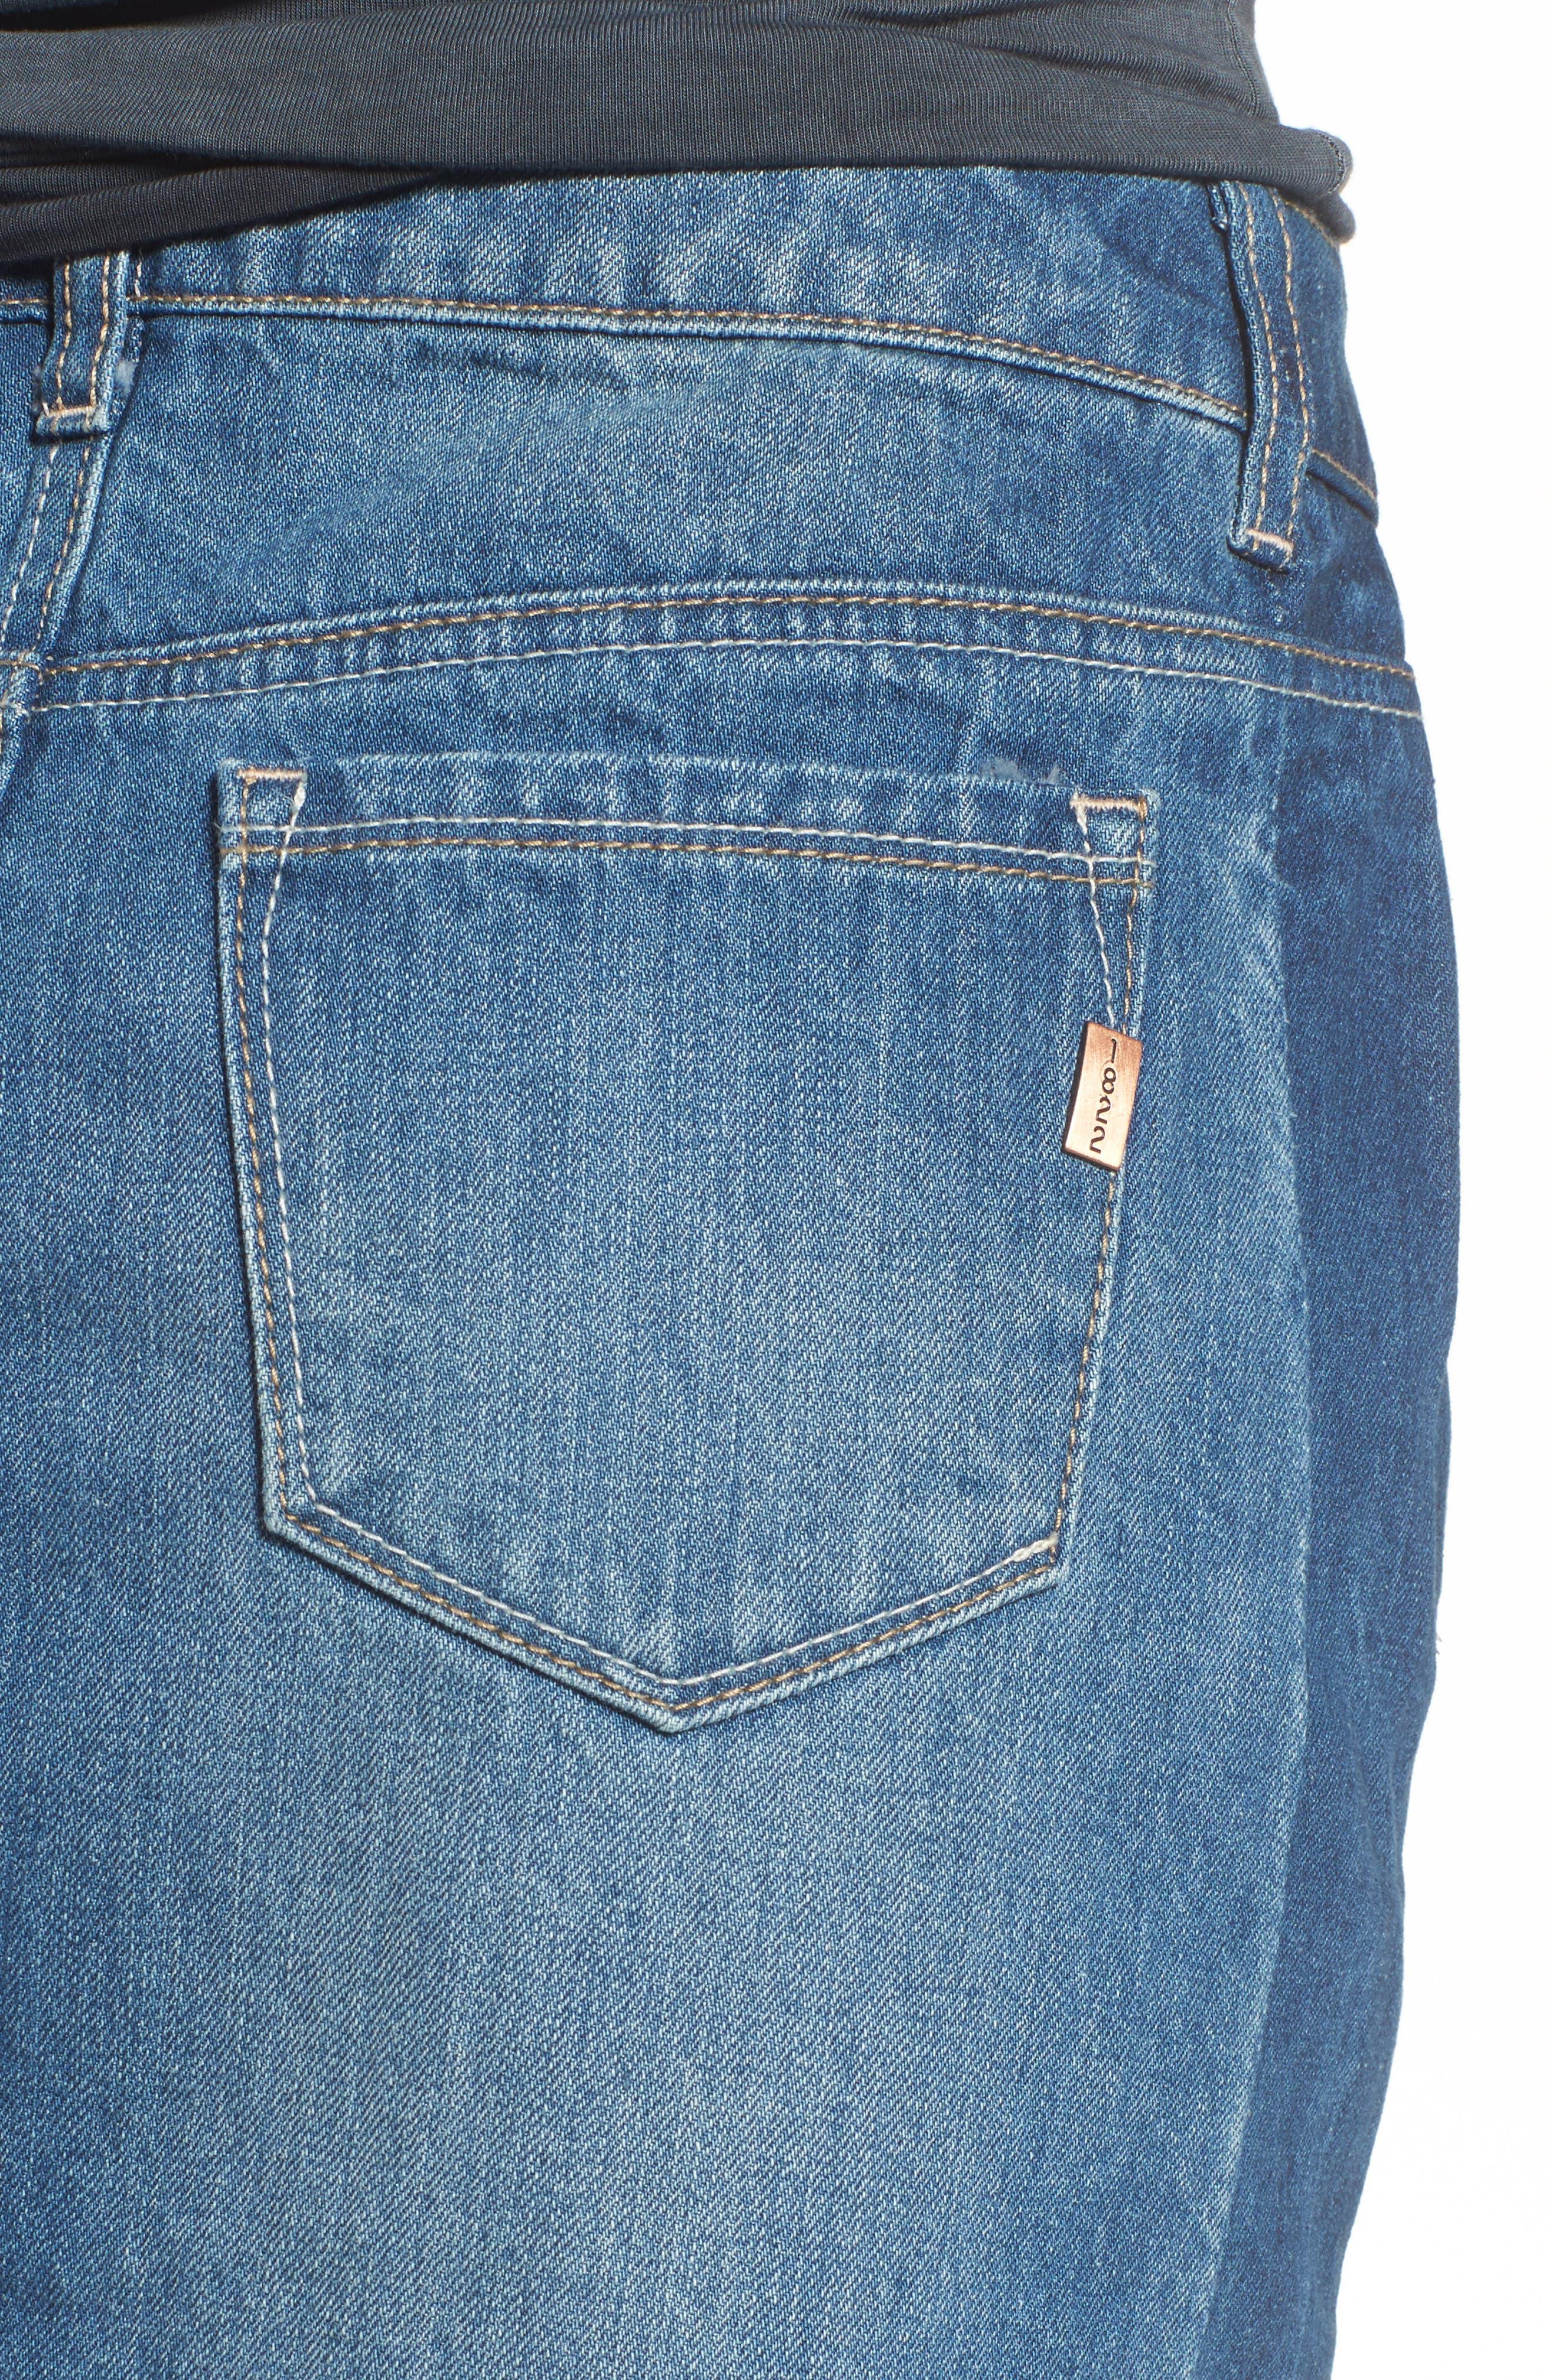 Two Tone Denim Skirt,                             Alternate thumbnail 4, color,                             Lexington